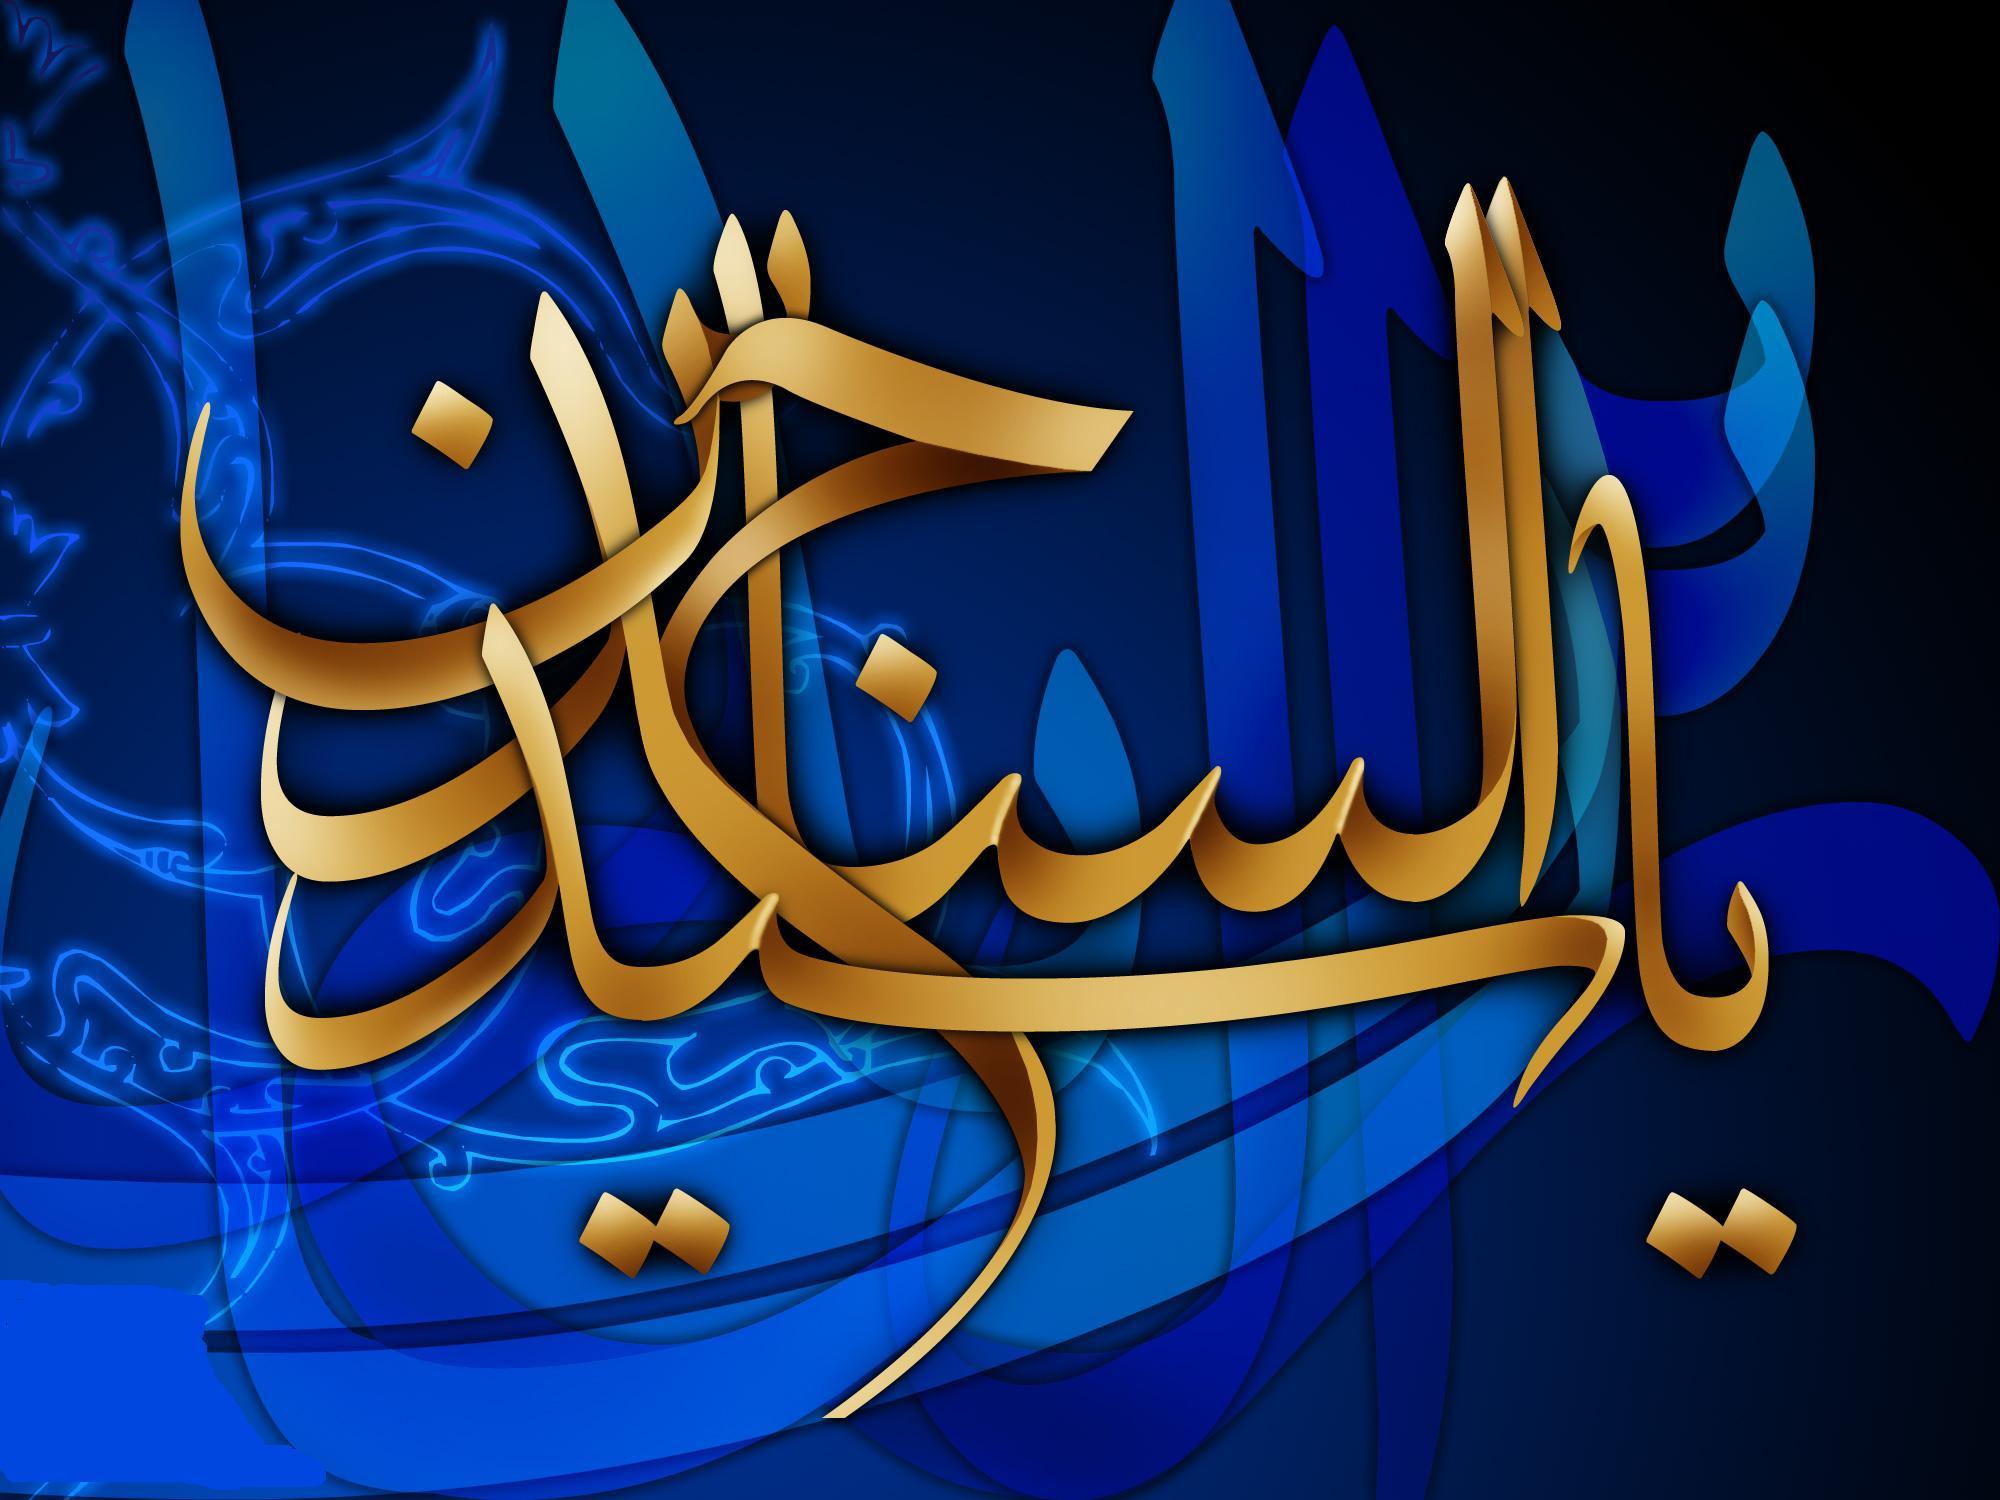 عکس مذهبی با موضوع شهادت حضرت سیدالساجدین امام زین العابدین(ع)